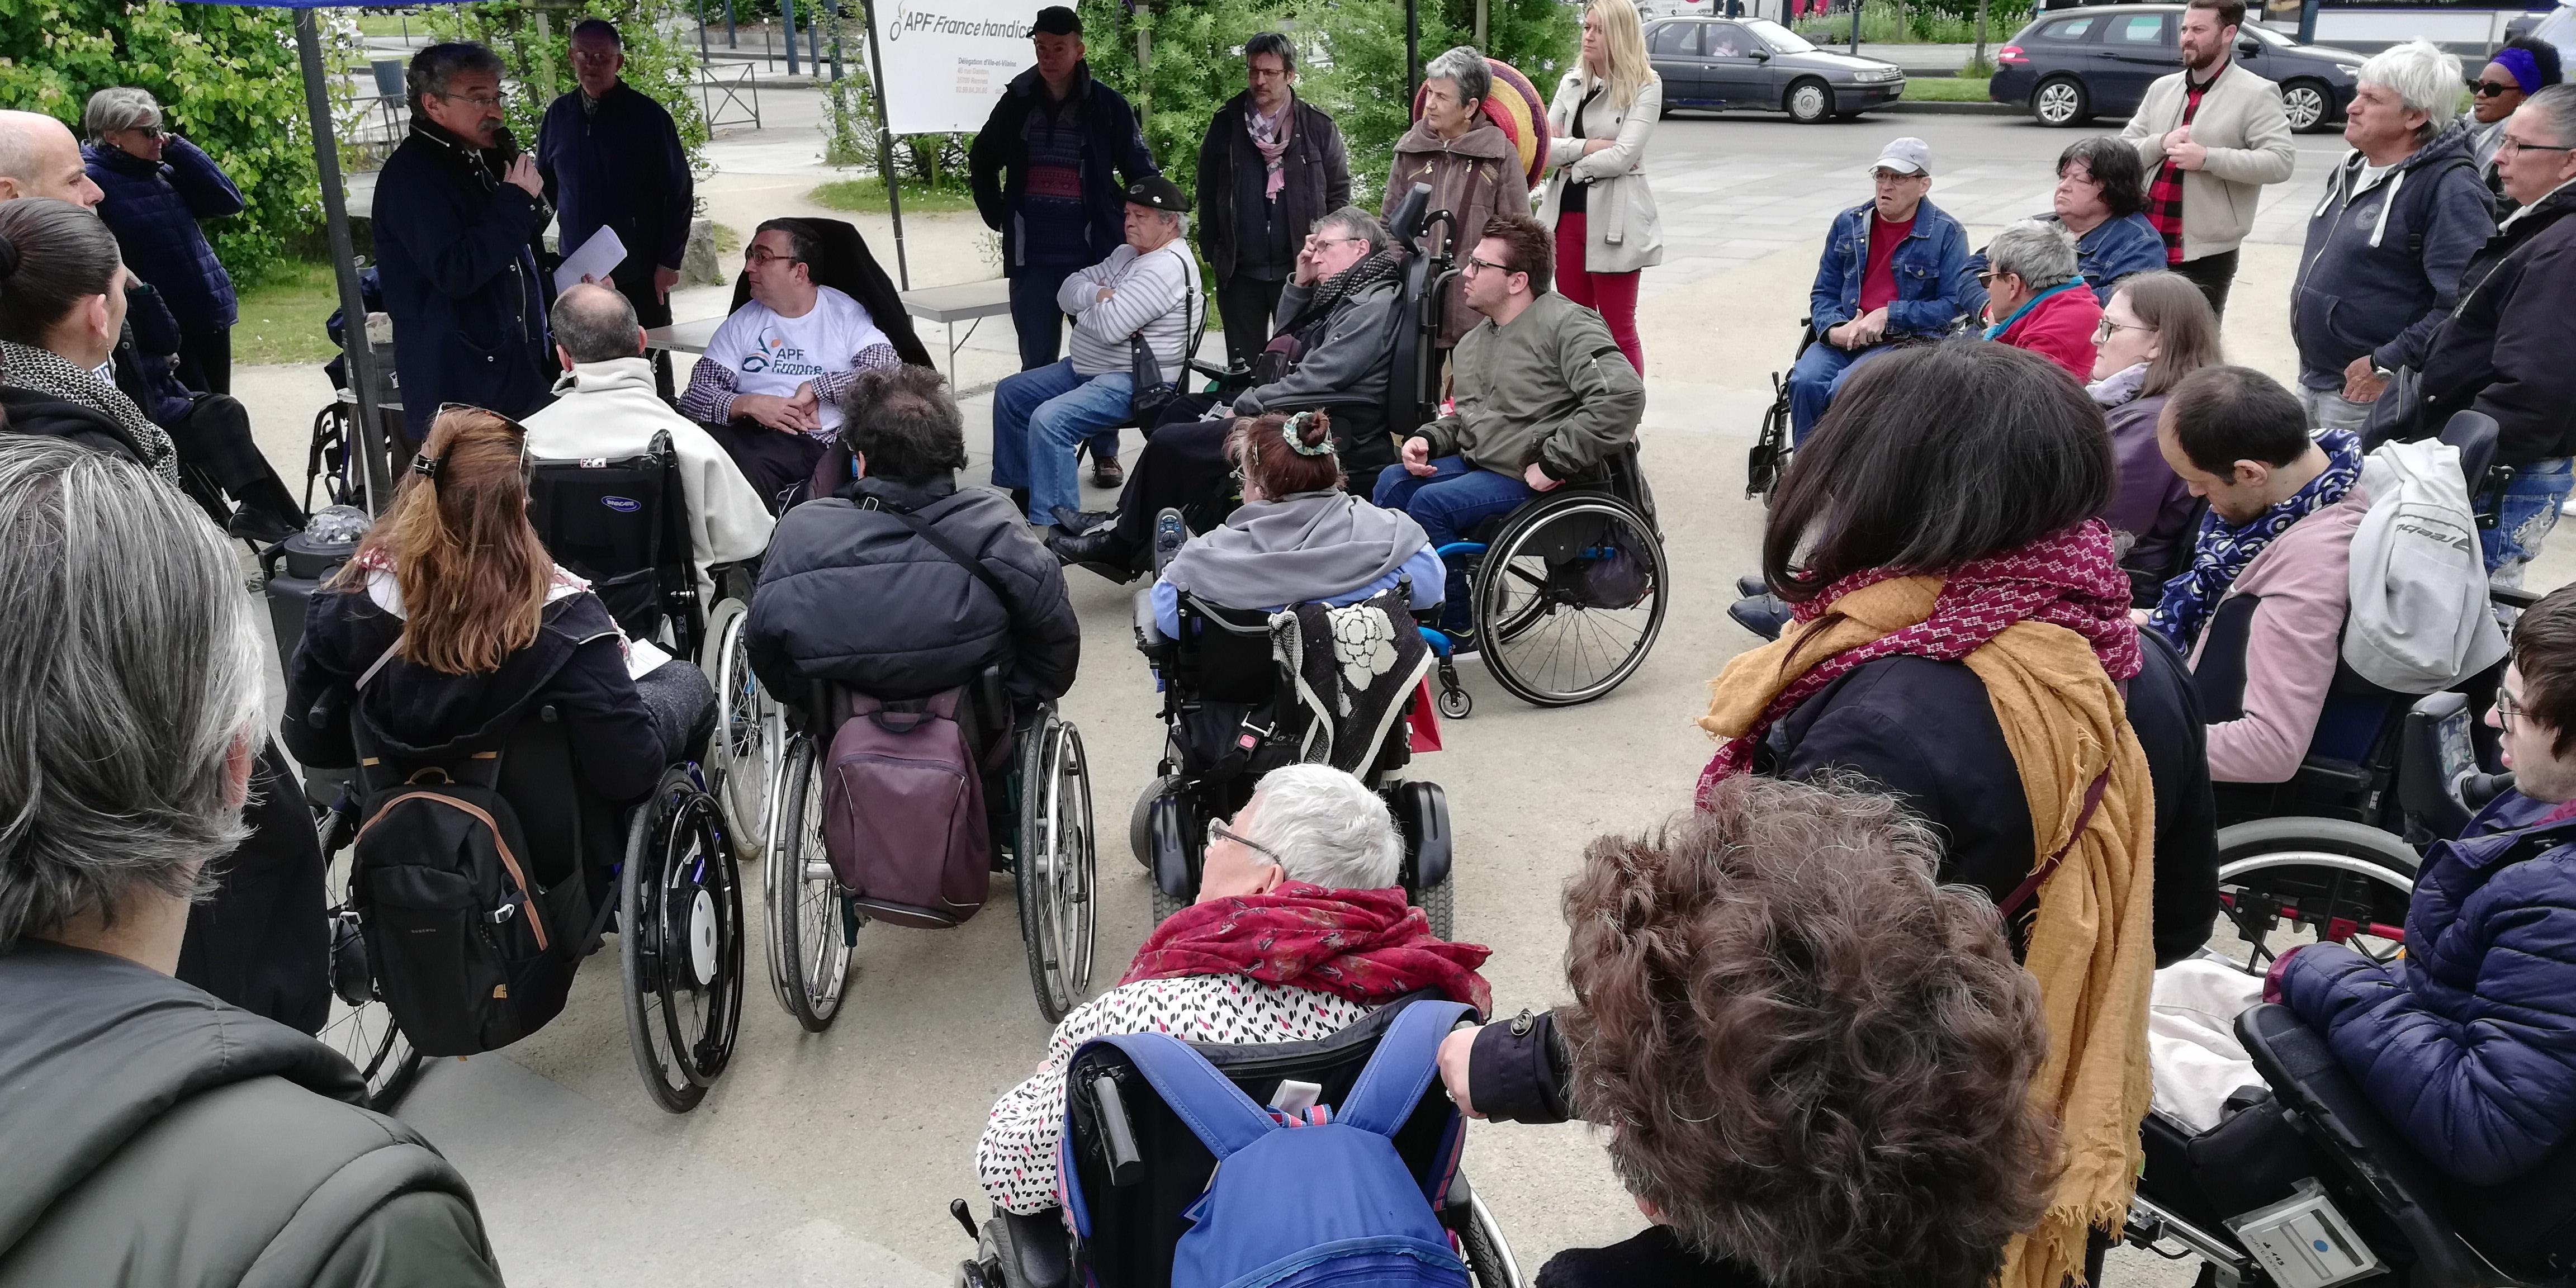 Rassemblement citoyen à Rennes lors de la Caravane APF France handicap en route pour nos droits